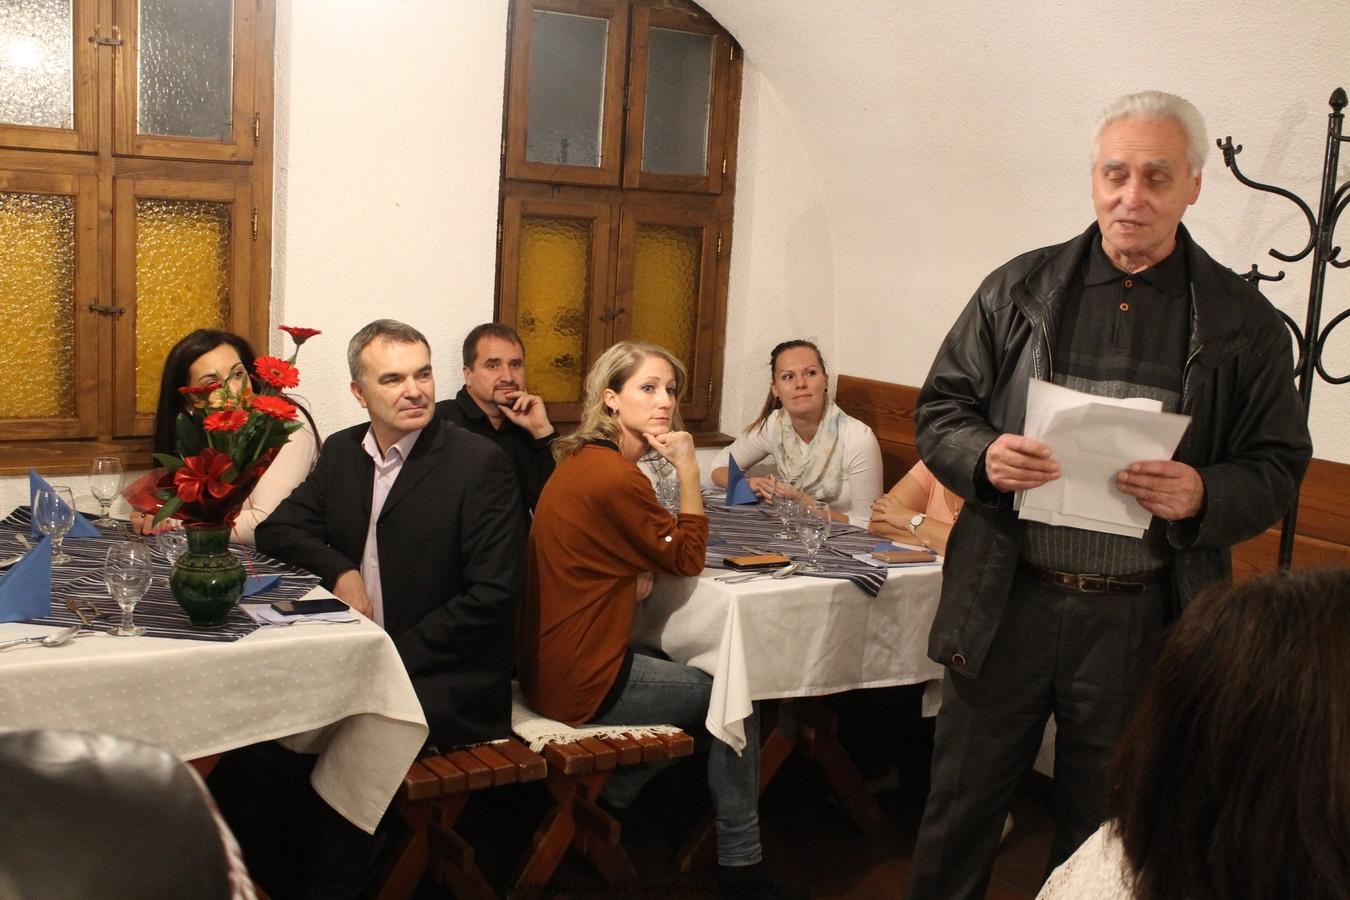 Zsámboki Árpád létszámot ellenőriz, és köszönti a vendégeket.